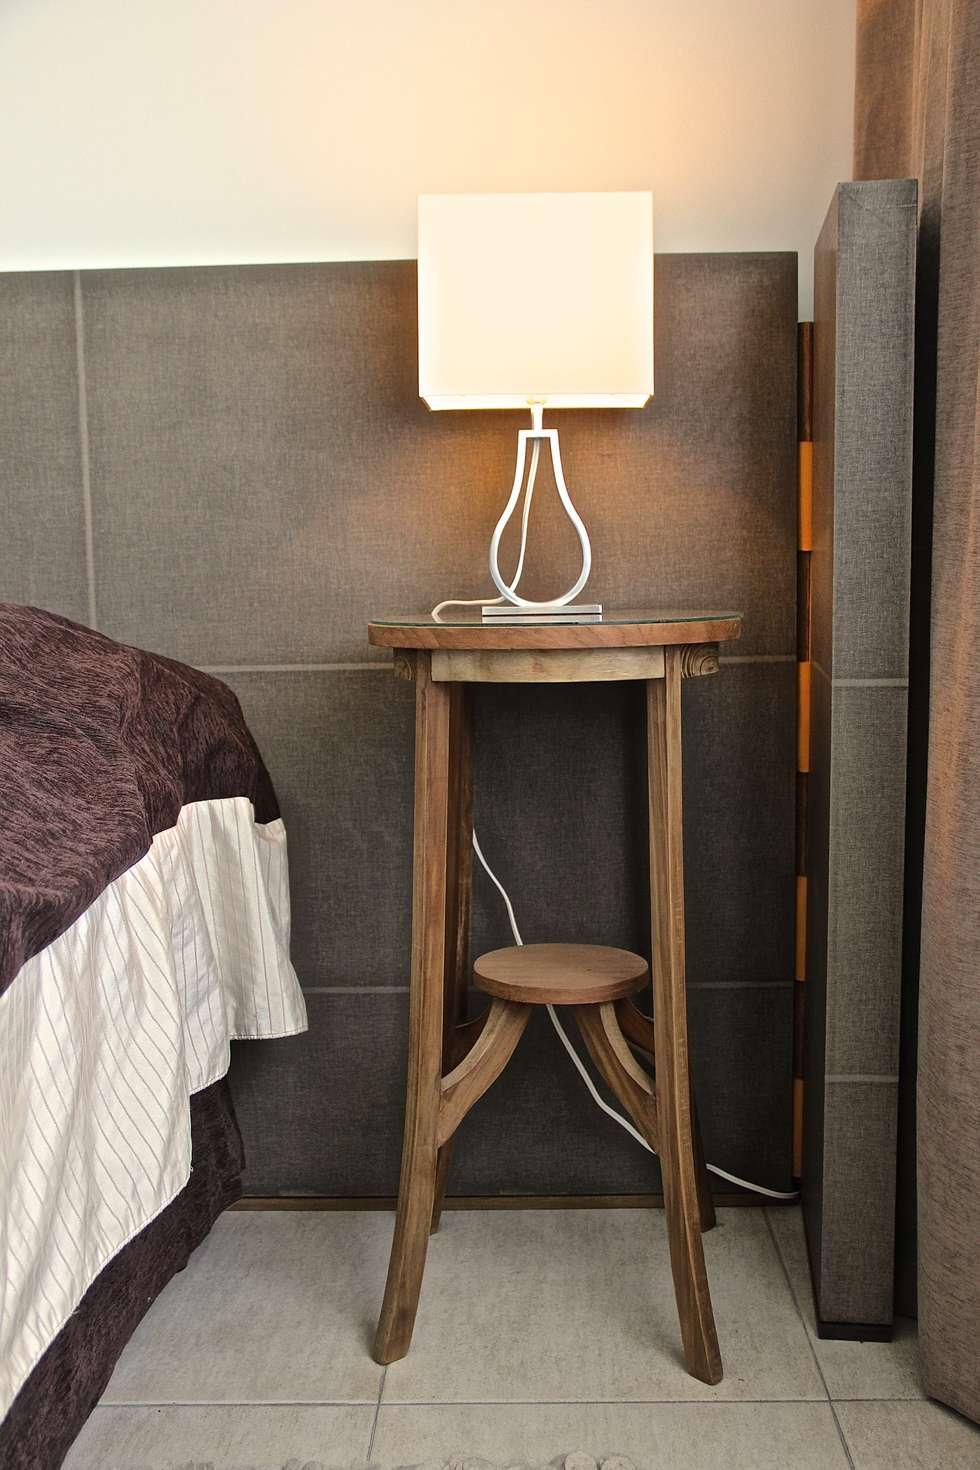 DORMITORIO PRINCIPAL 4: Dormitorios de estilo moderno por HOME UP